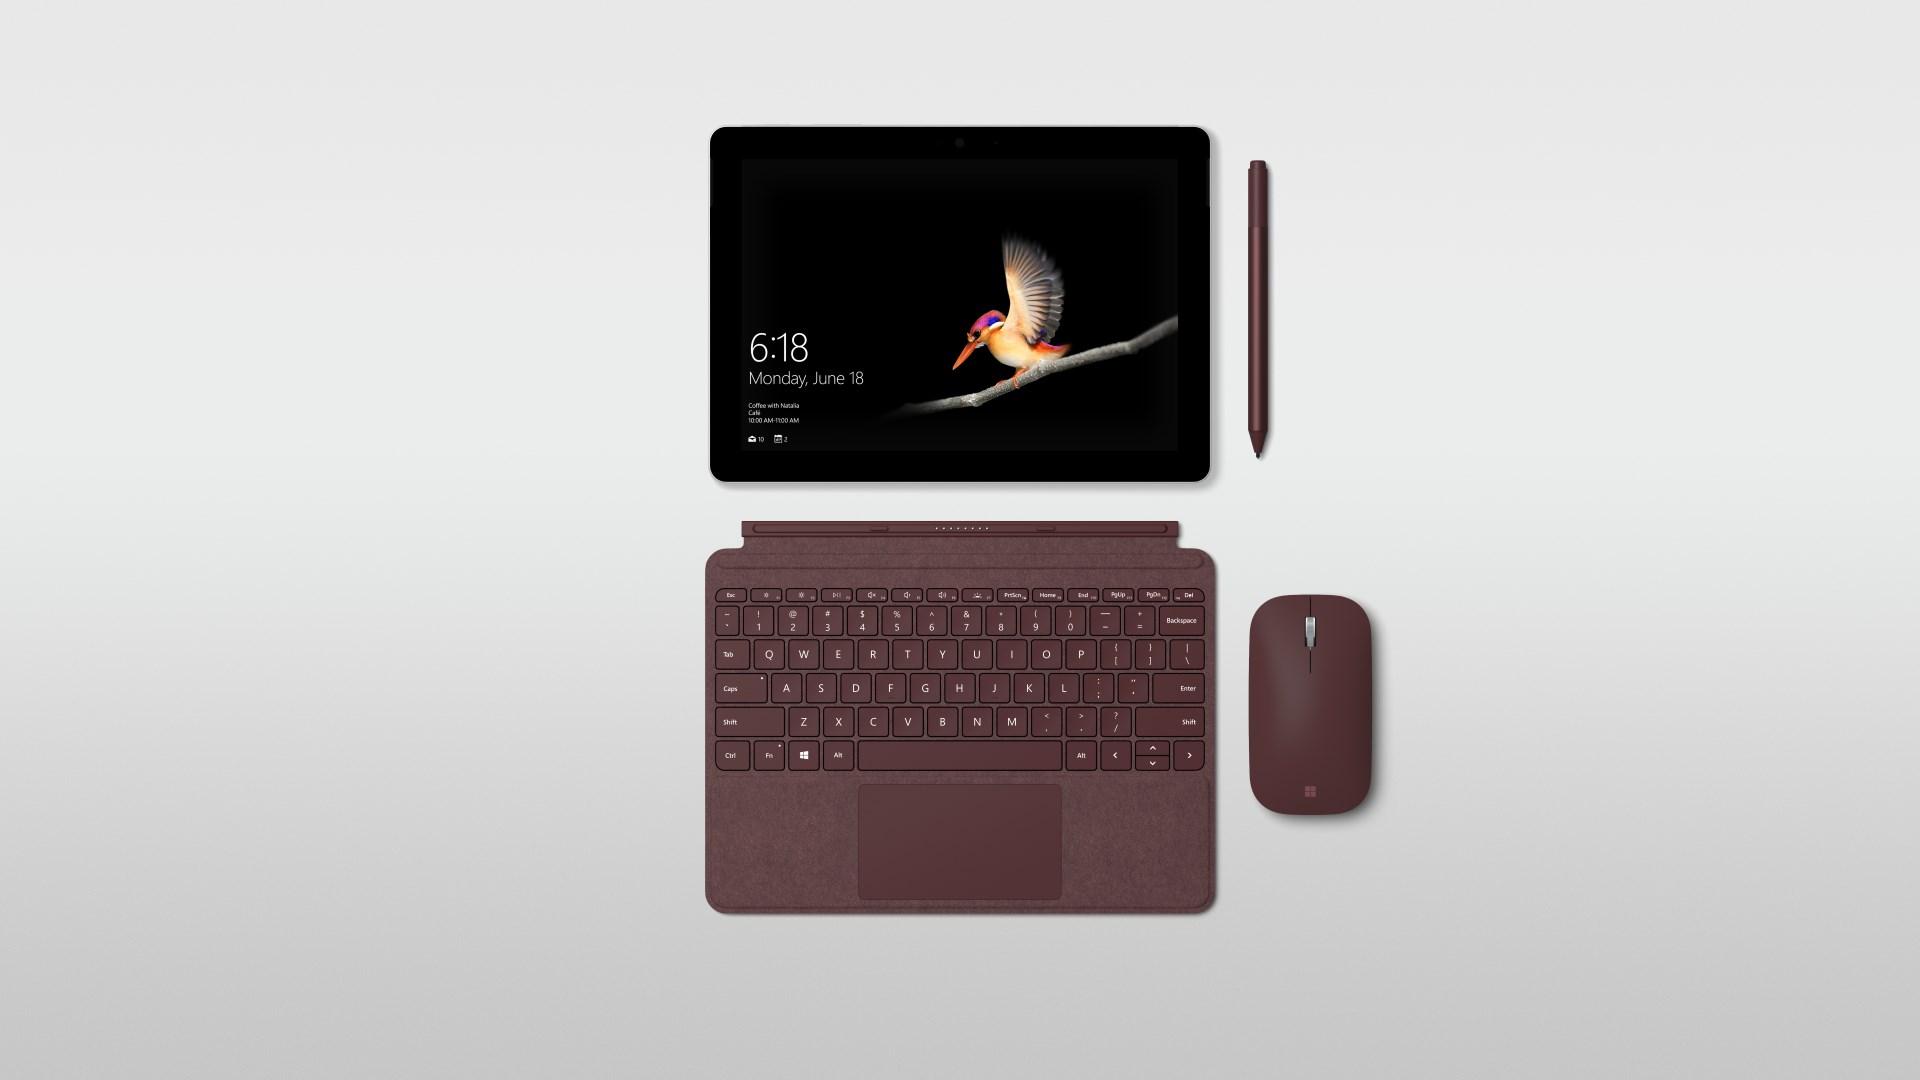 На иллюстрации изображён разложенный планшет Майкрософт Surface Go вместе со стилусом Surface Pen и мышью